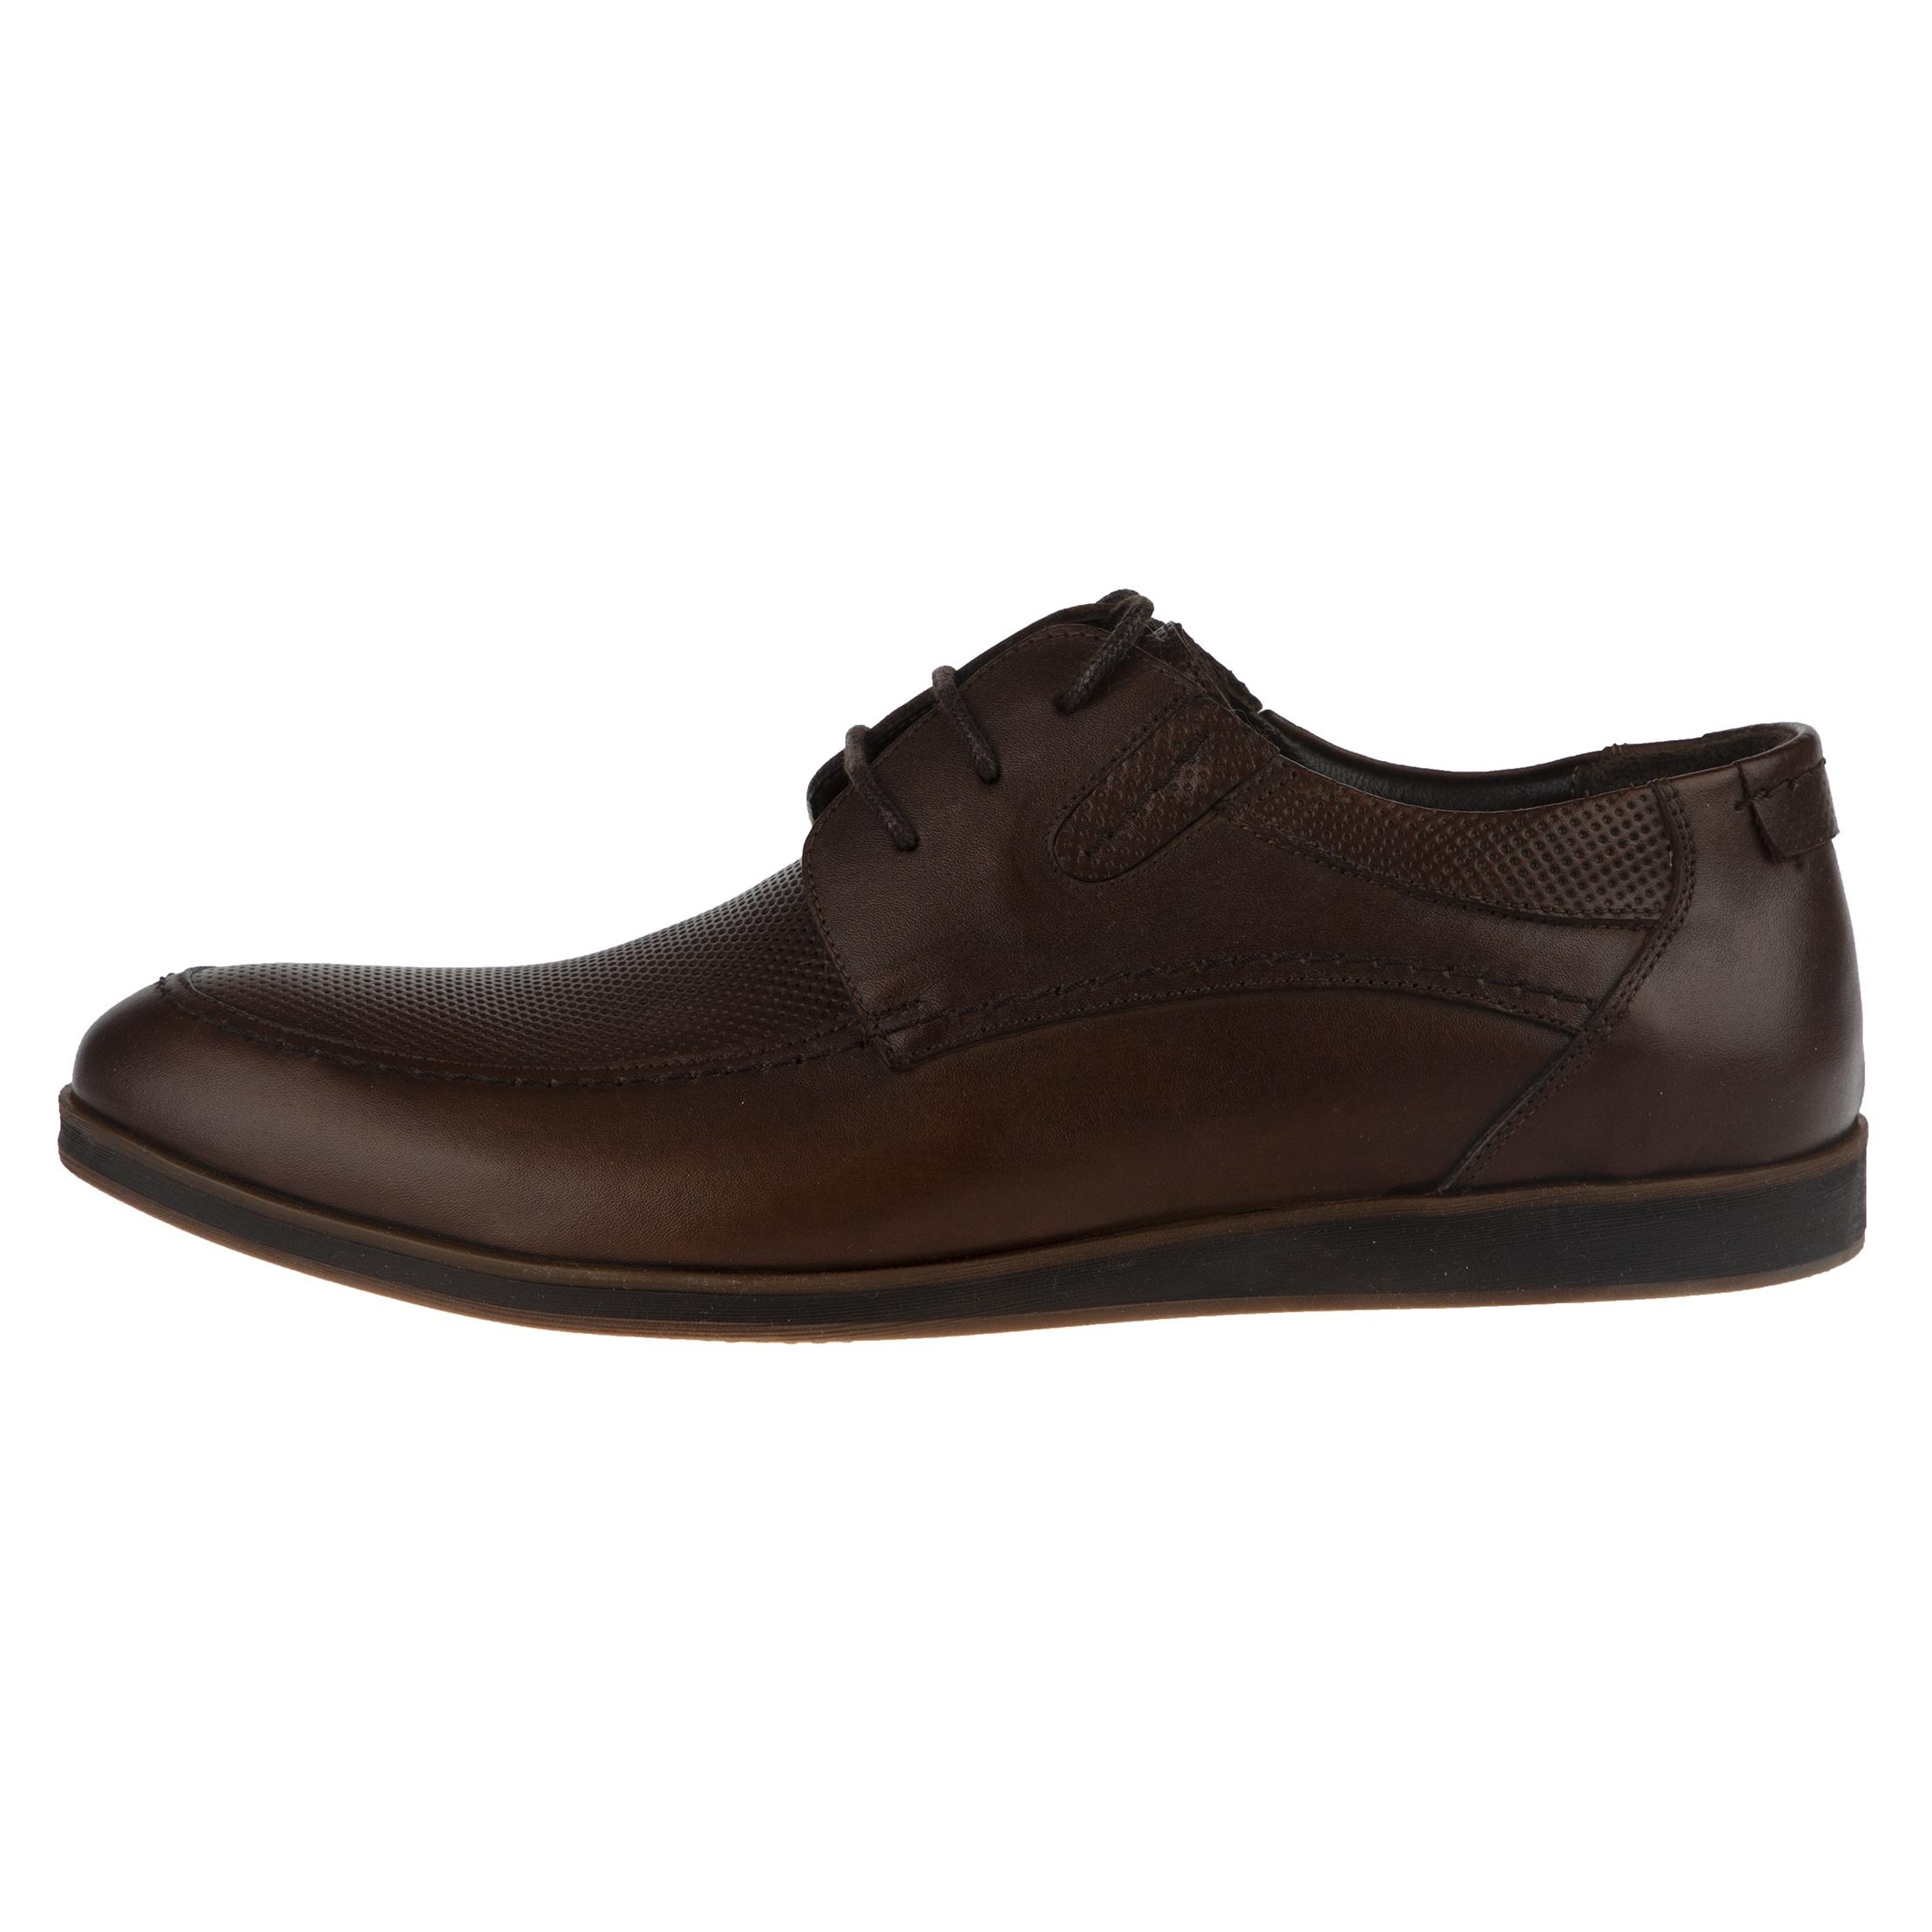 کفش مردانه بلوط مدل 7135C503-104